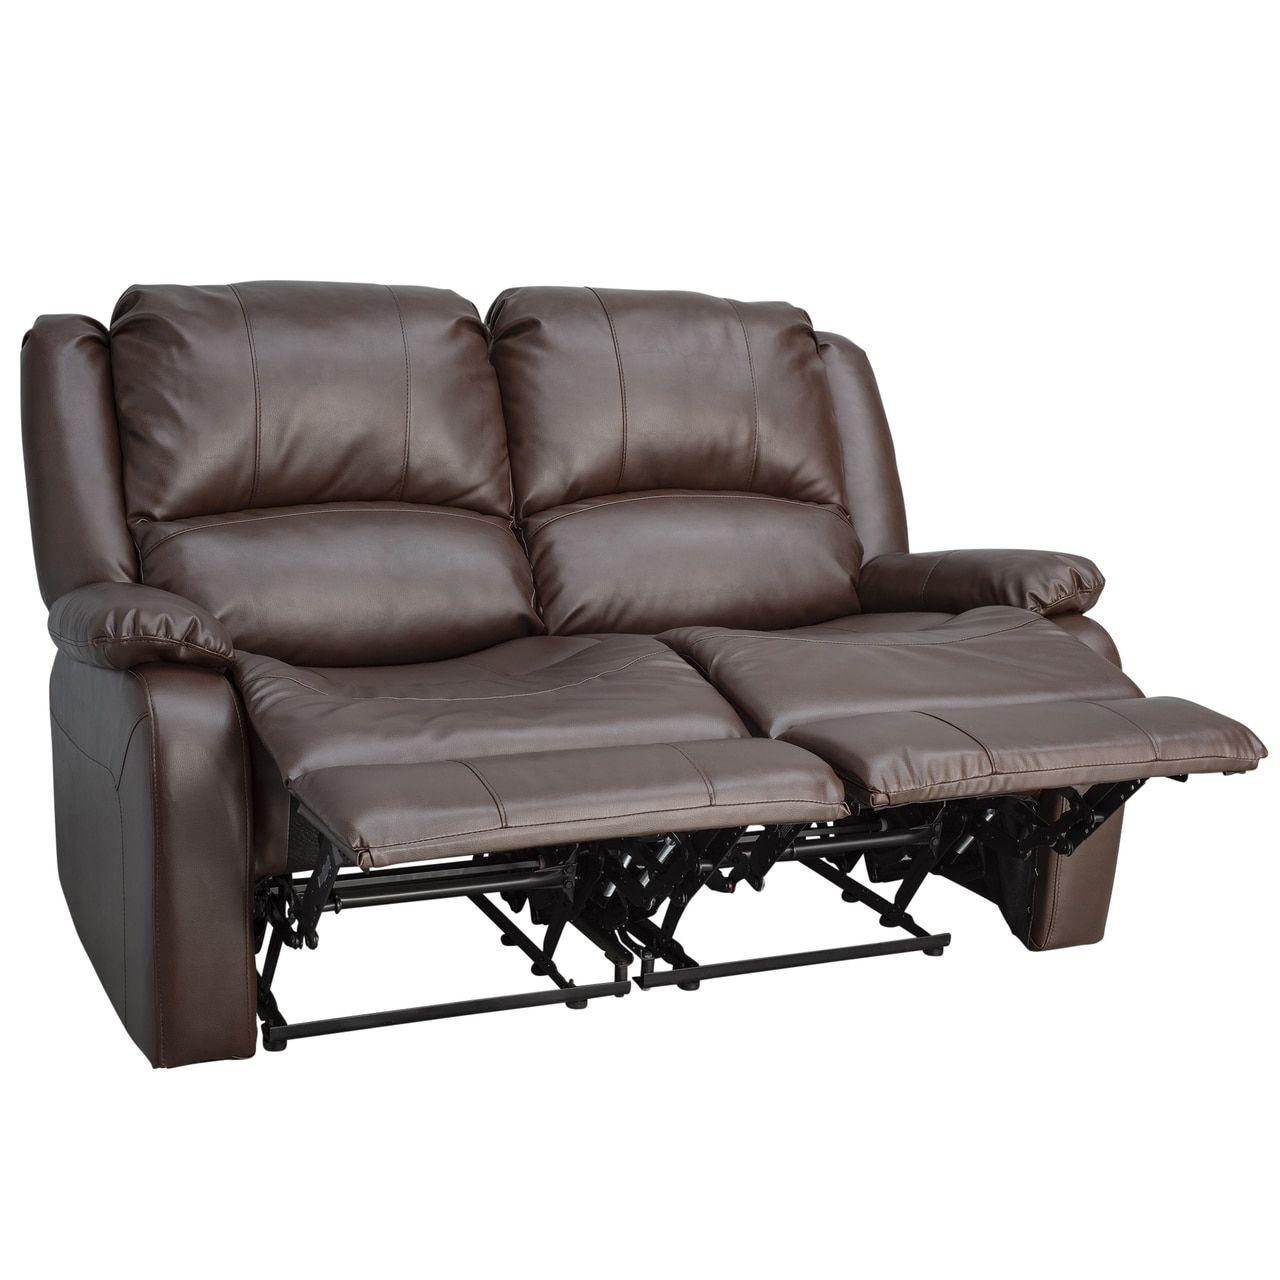 Fabulous Charles 58 Double Rv Wall Hugger Recliner Sofa Rv Loveseat Ncnpc Chair Design For Home Ncnpcorg